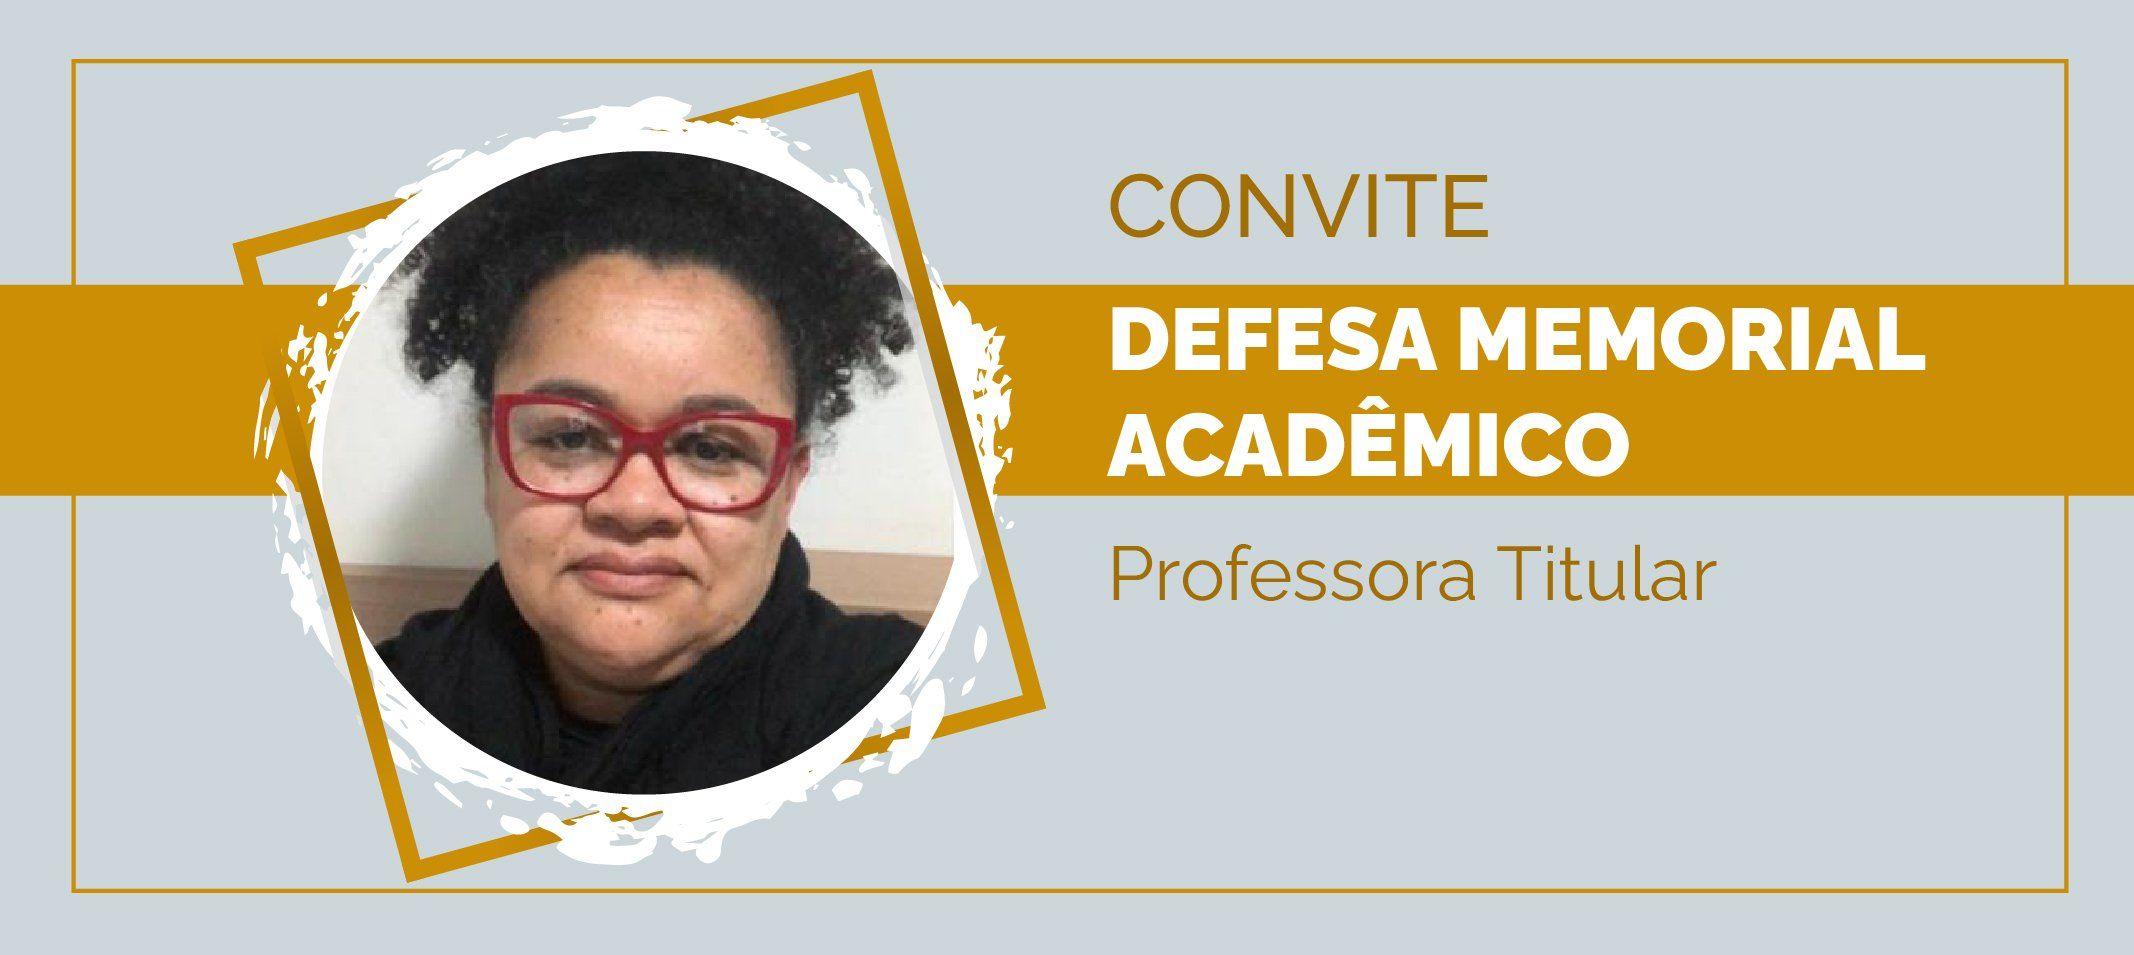 Professora Iolete Ribeiro da Silva defende Memorial Acadêmico no dia 26